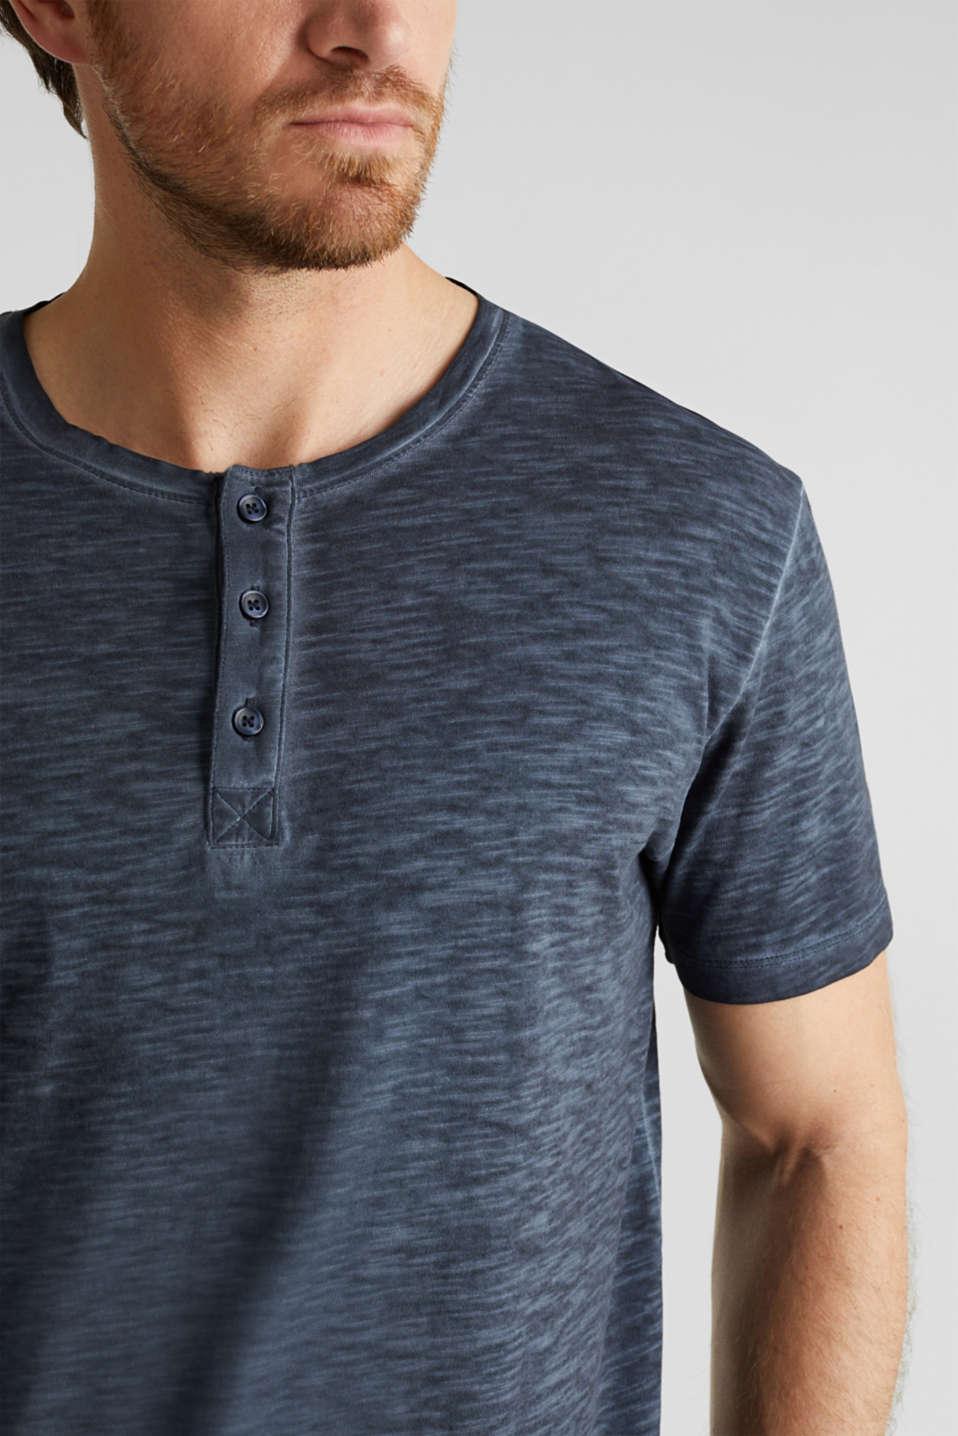 Slub jersey T-shirt made of organic cotton, NAVY 2, detail image number 0